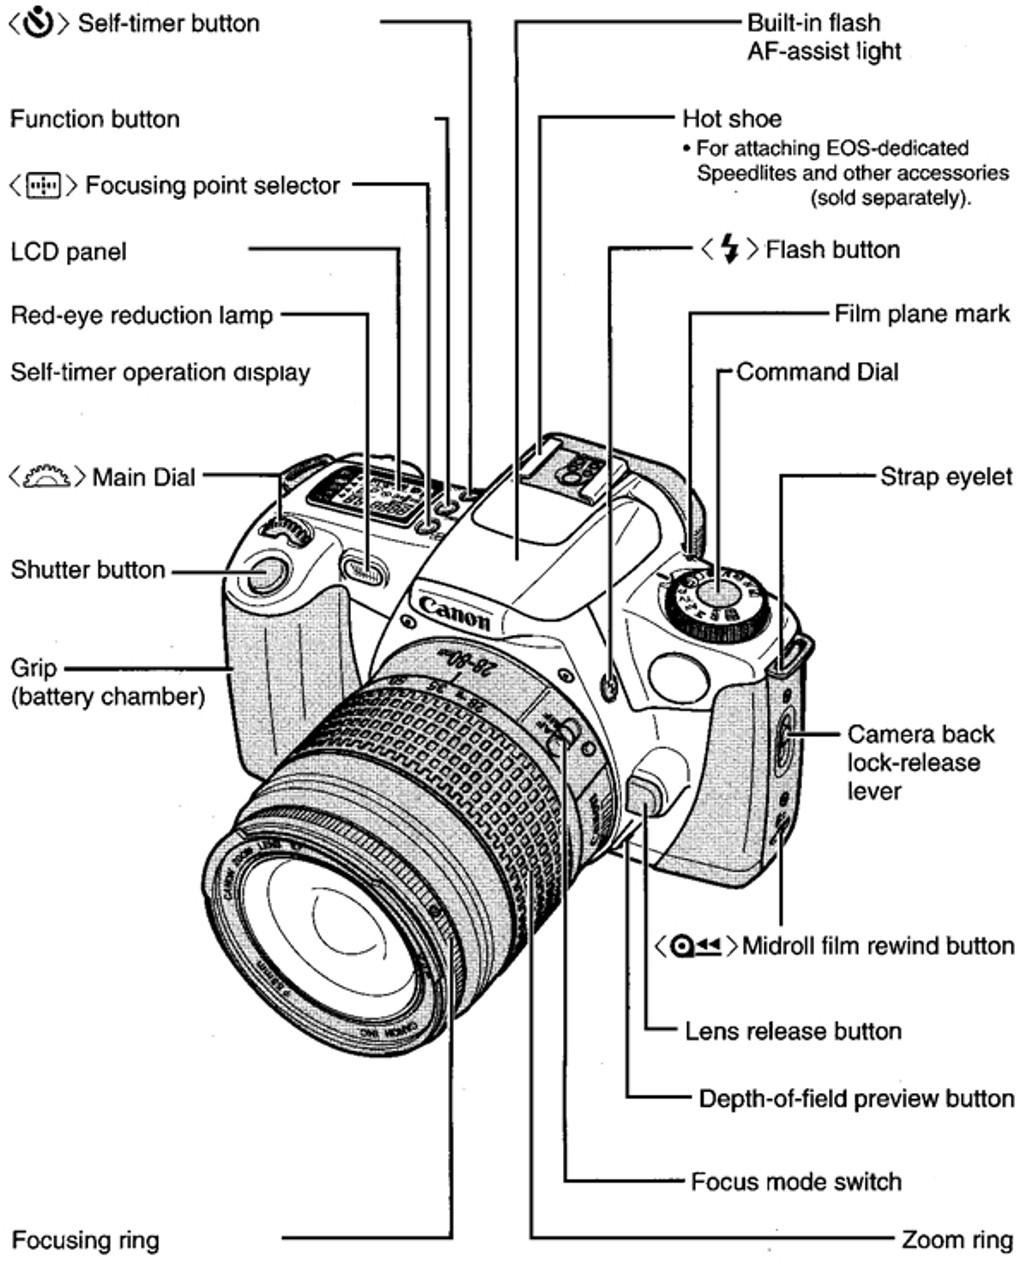 slr camera parts and controls deytookmyjerb